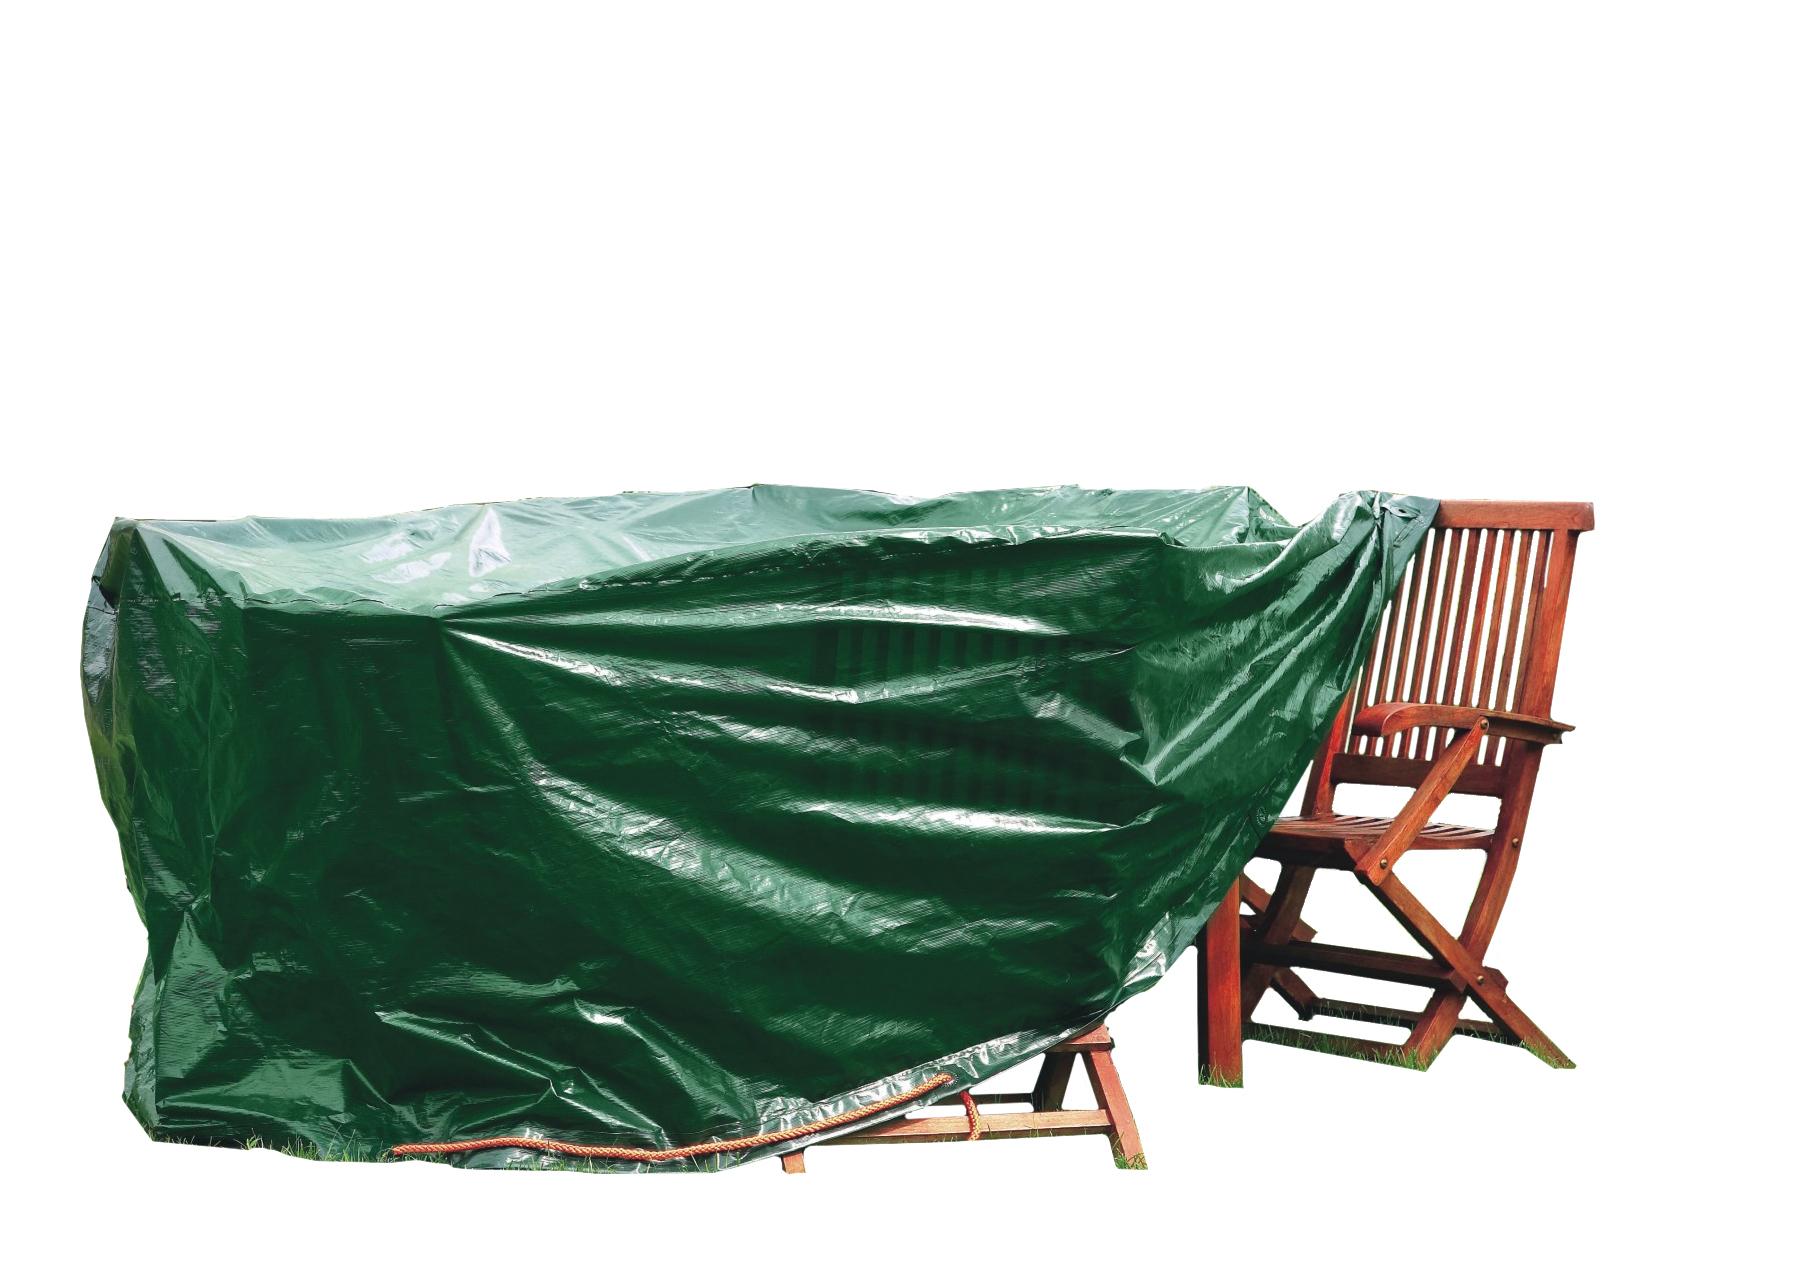 Housse De Protection Pour Grande Table Ovale + Chaises 210 X ... dedans Bache Pour Salon De Jardin